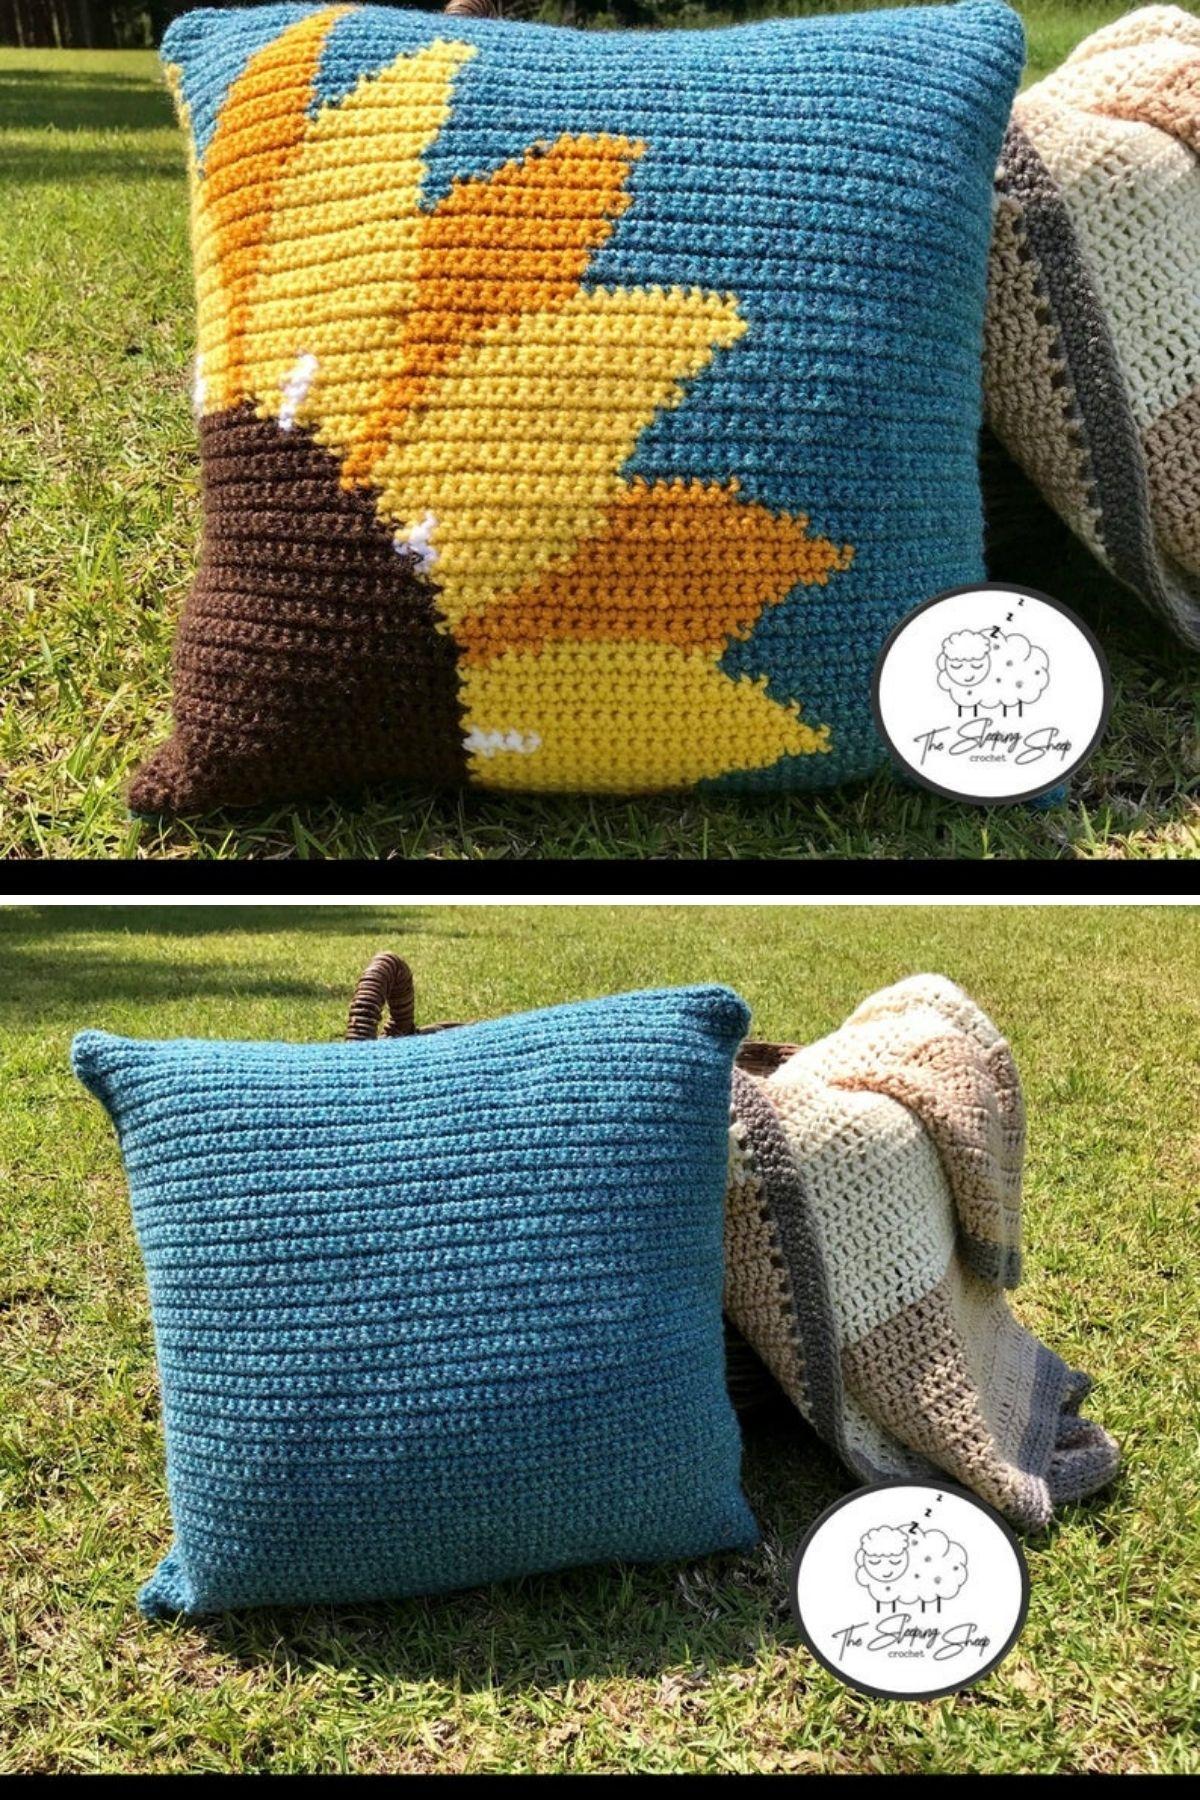 Sunflower on blue crochet pillow